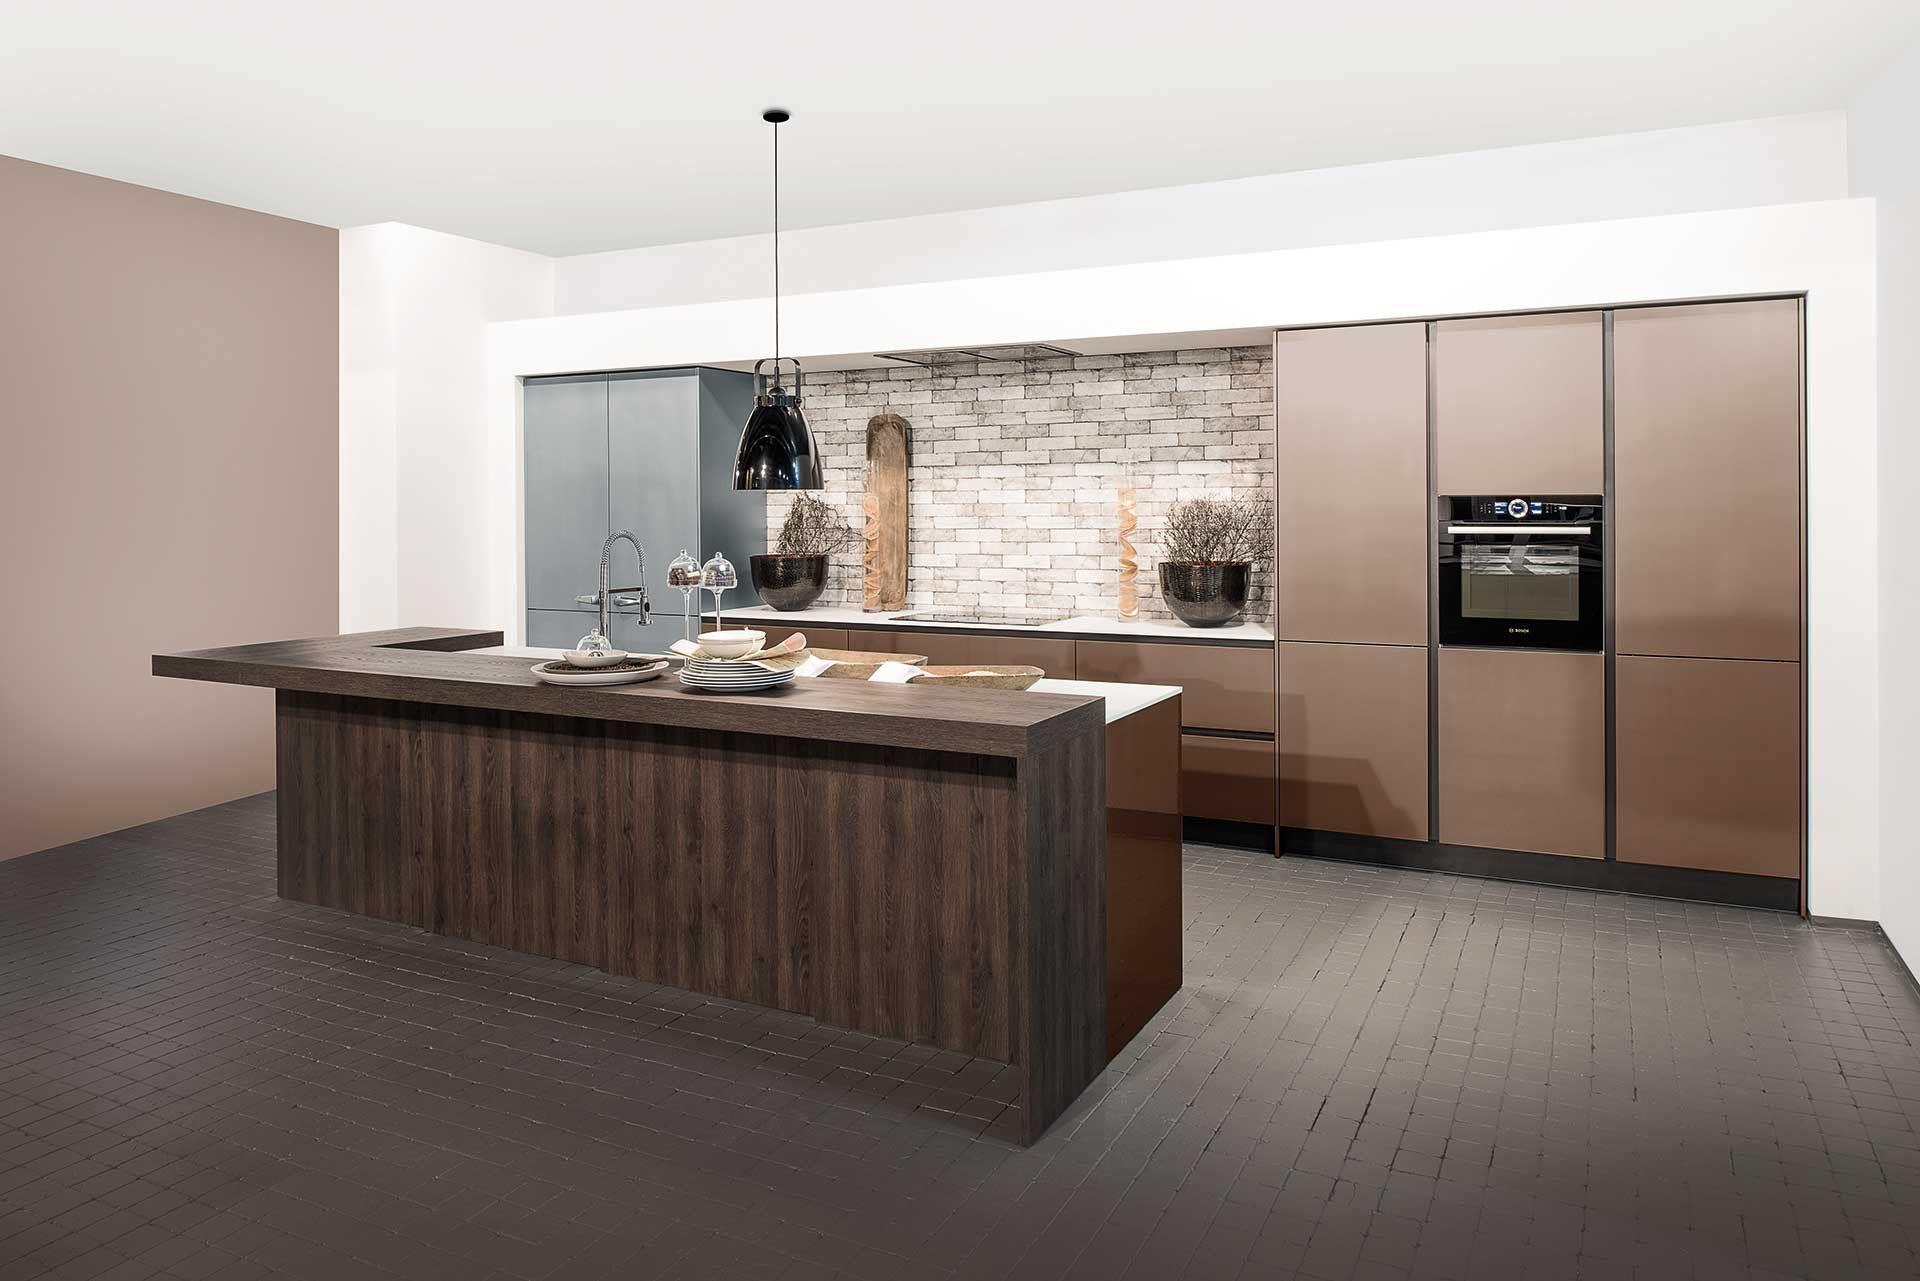 Moderne bronzen keuken met hout look met brons als d trend kleur van 2016 krijgt deze keuken - Trendkleur keuken ...